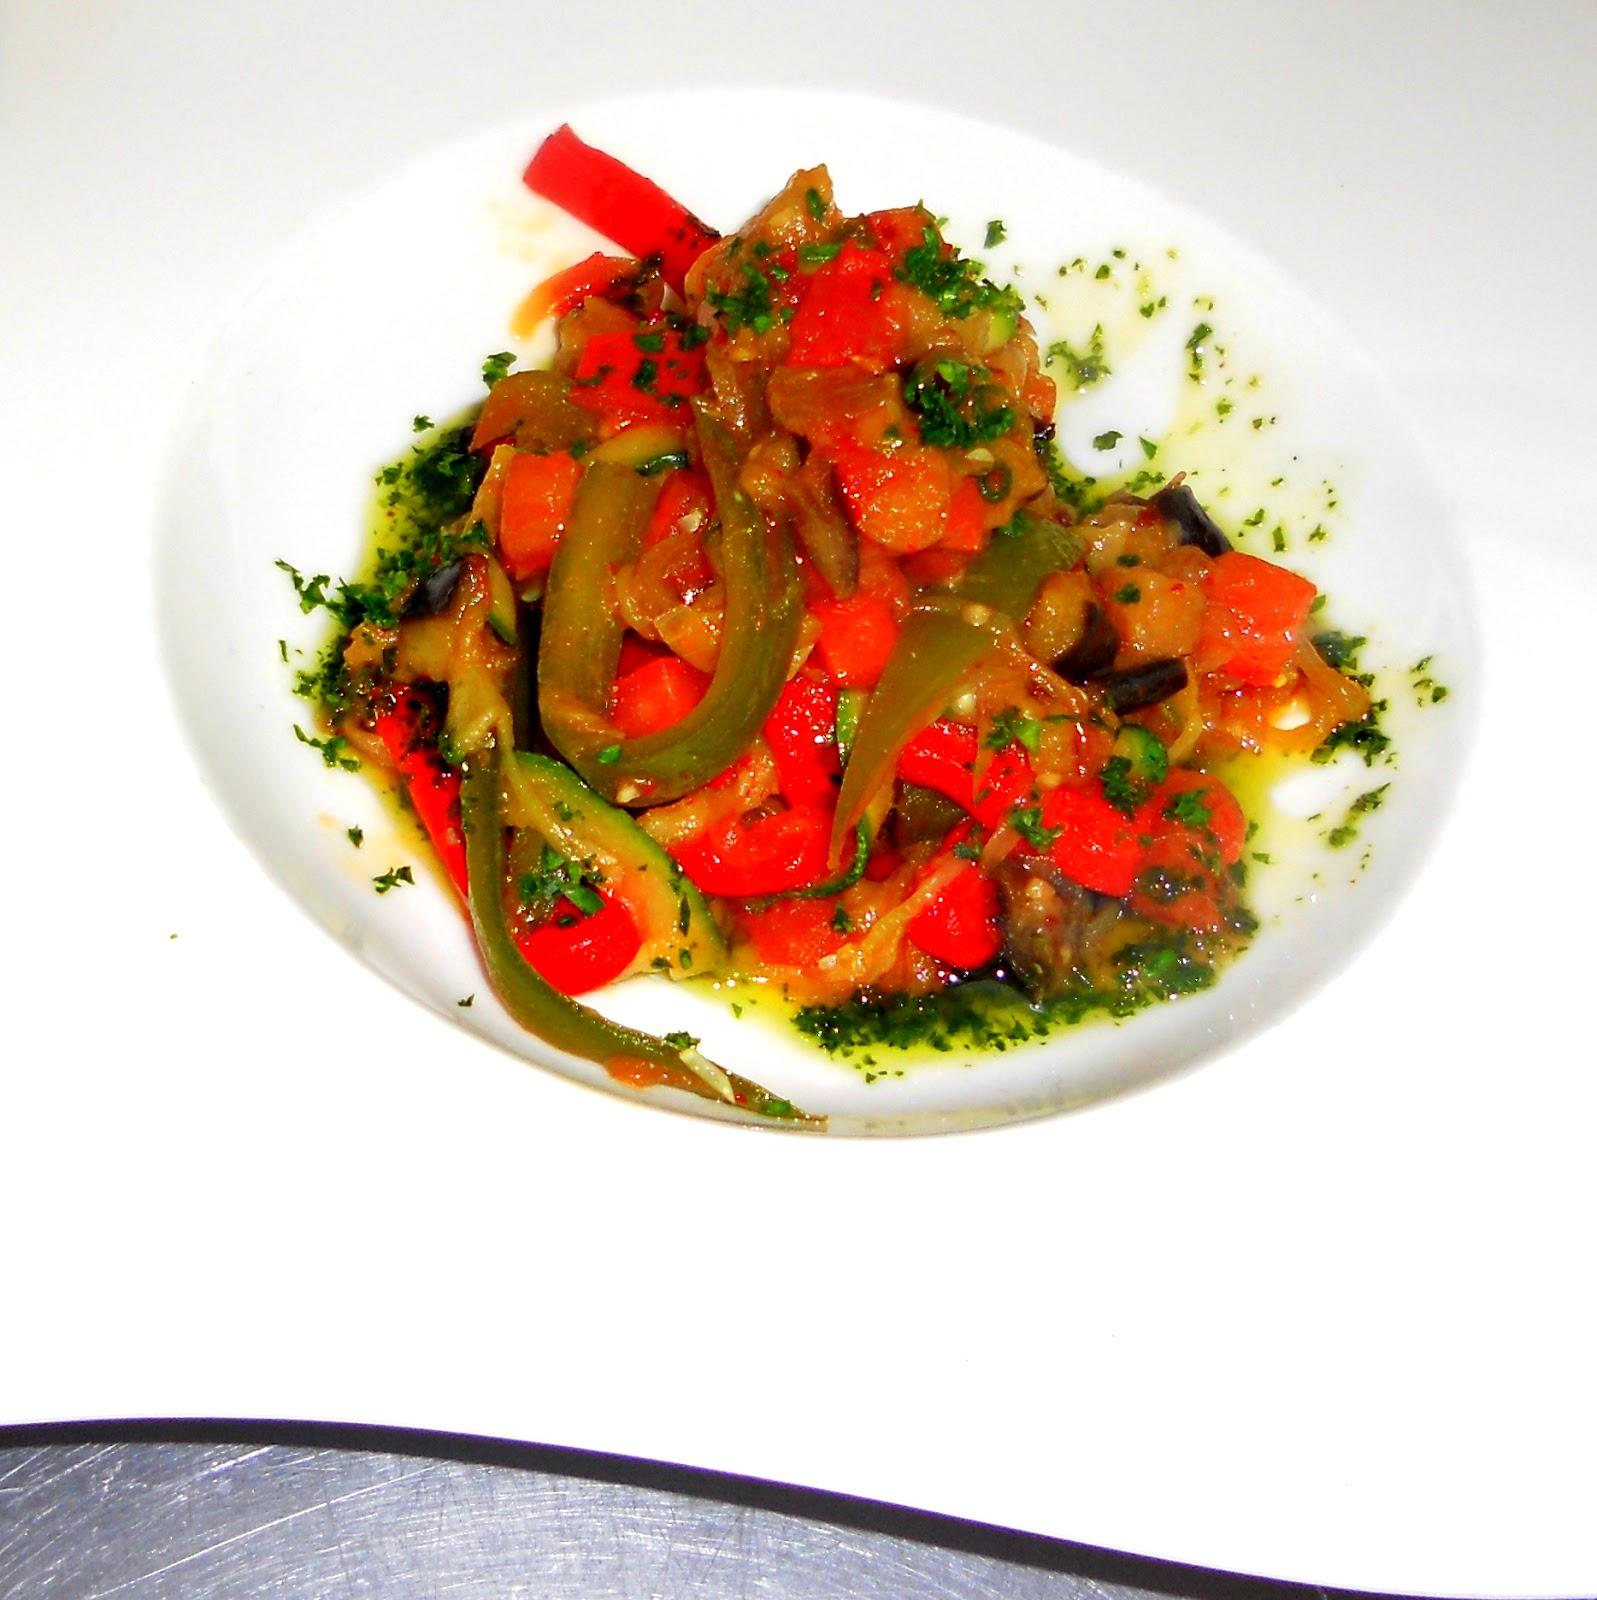 El arte de amasar clases de cocina personalizadas for Verduras francesas